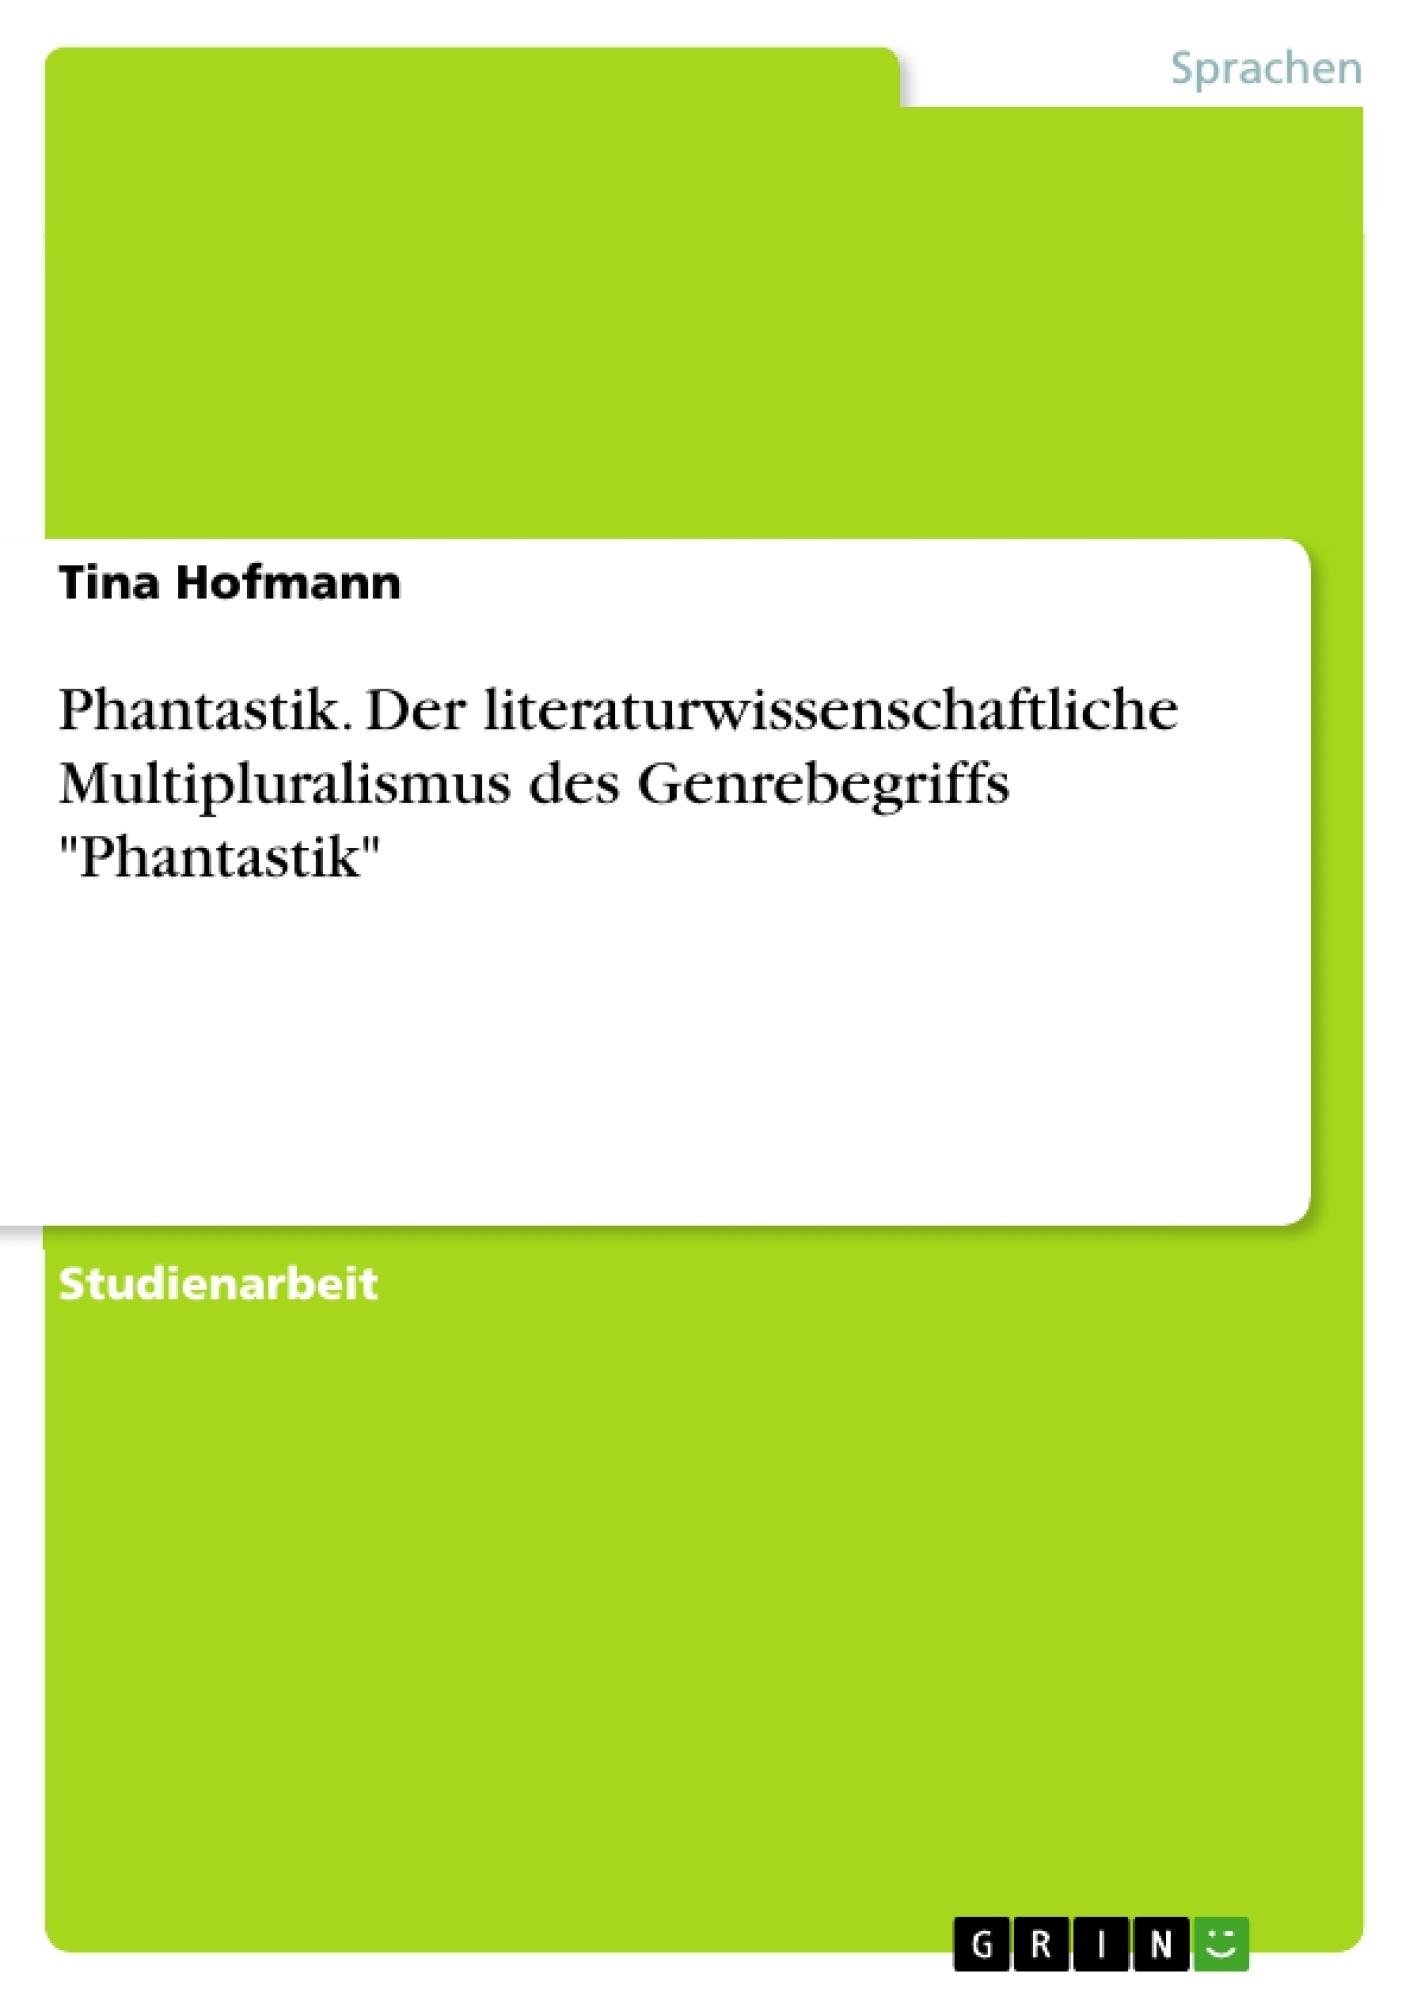 """Titel: Phantastik. Der literaturwissenschaftliche Multipluralismus des Genrebegriffs """"Phantastik"""""""